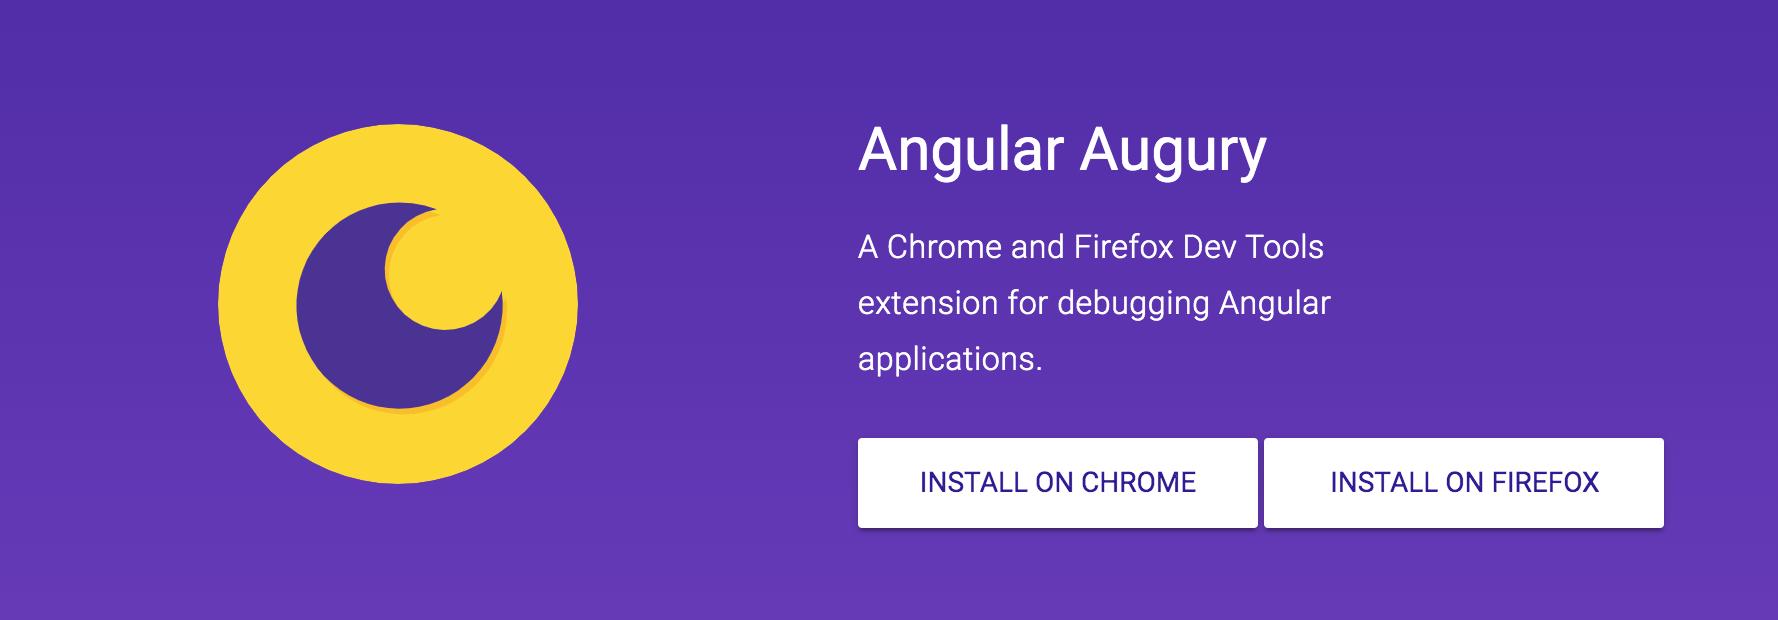 Angular Augury - Angular